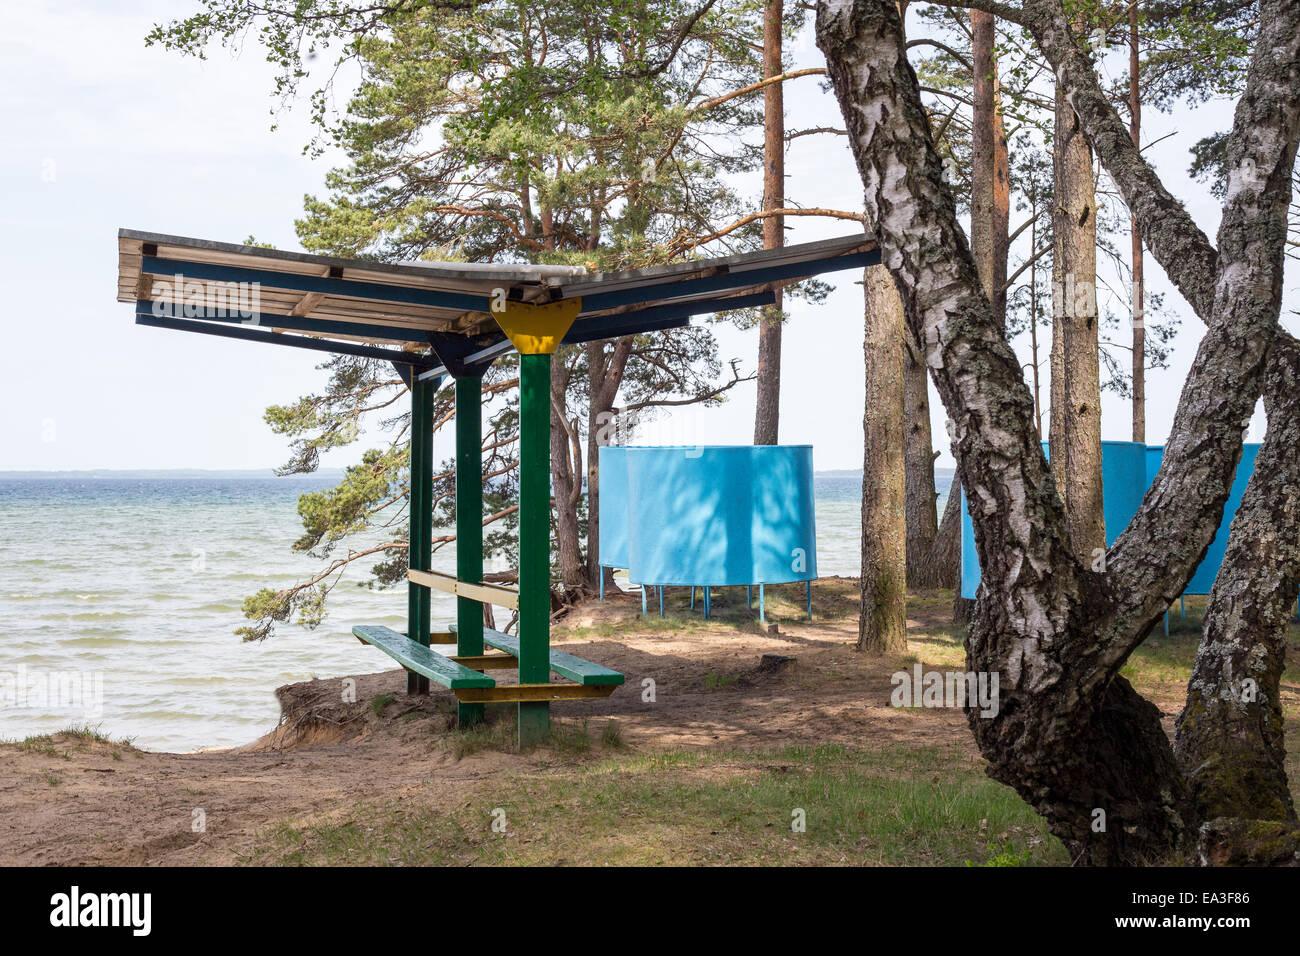 Lake Narach, Minsk region, Belarus - Stock Image